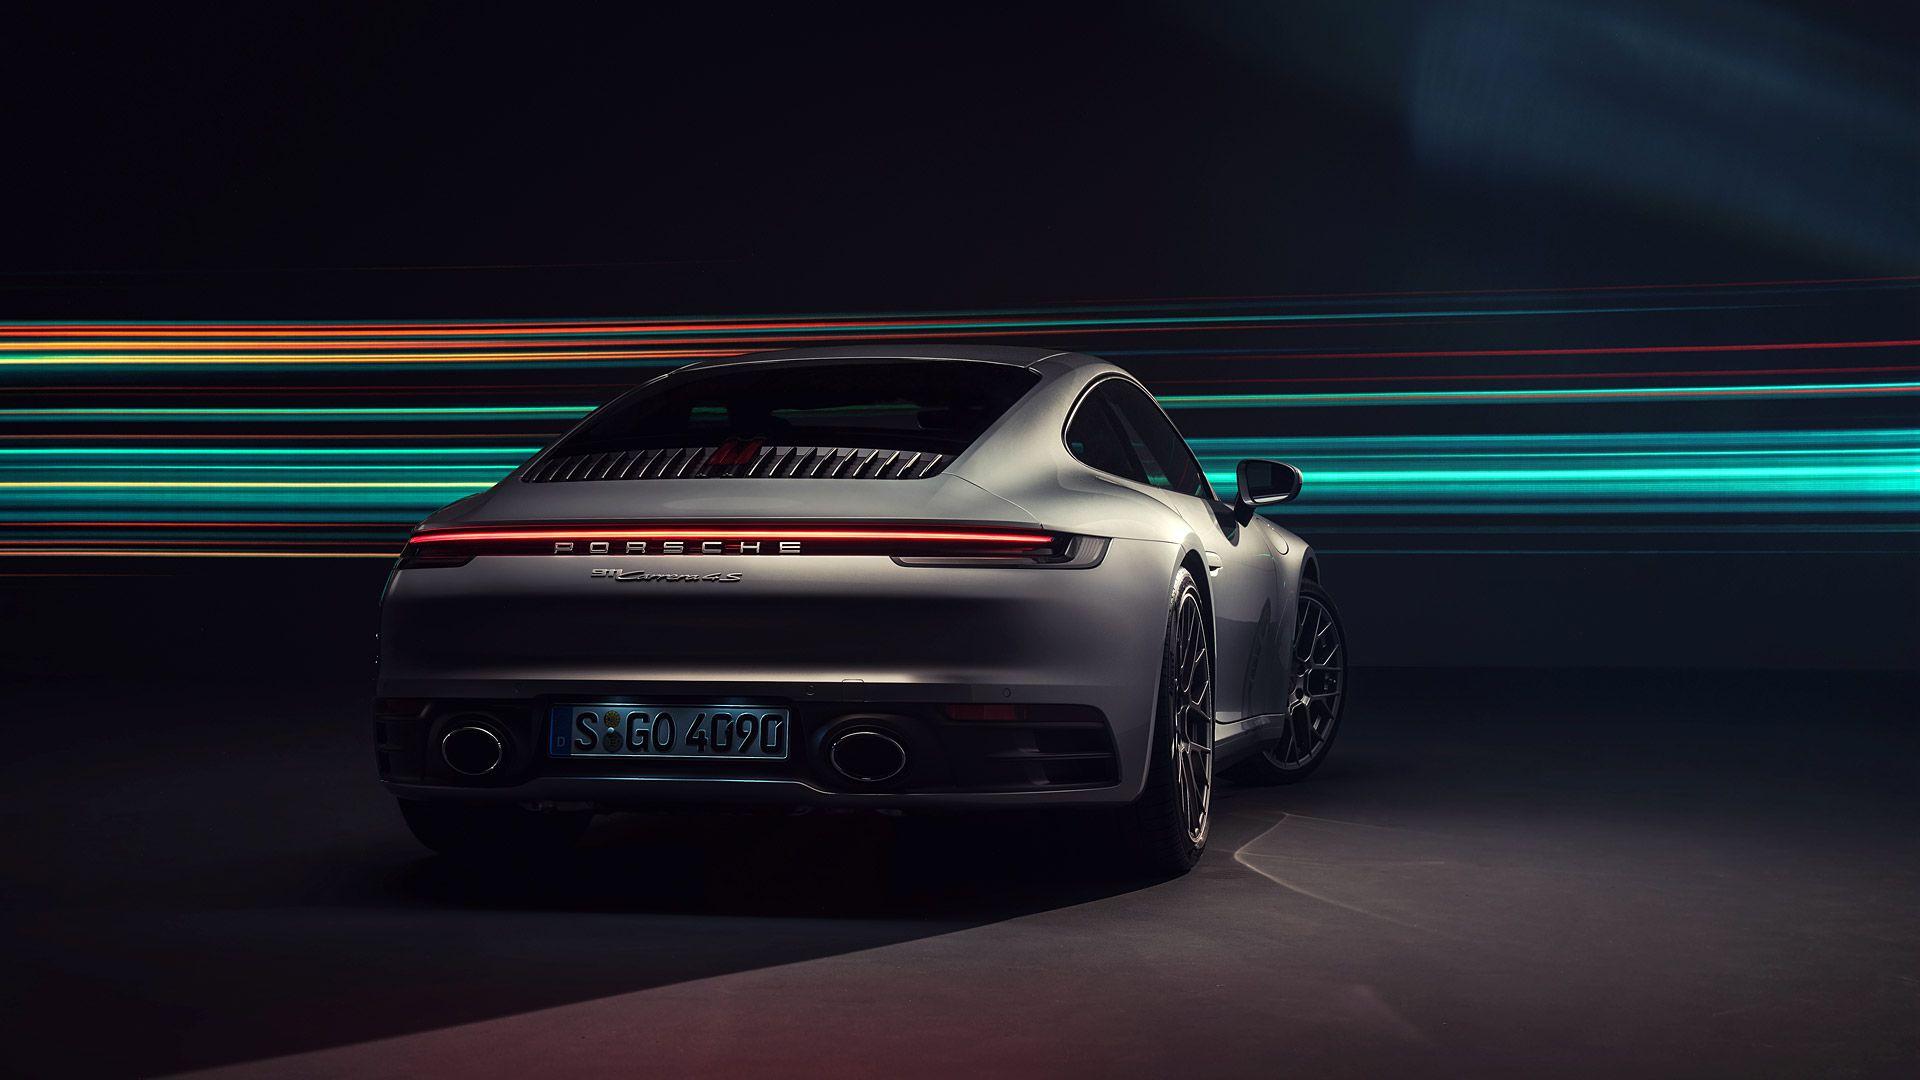 Porsche 911 992 Wallpapers   Top Porsche 911 992 Backgrounds 1920x1080